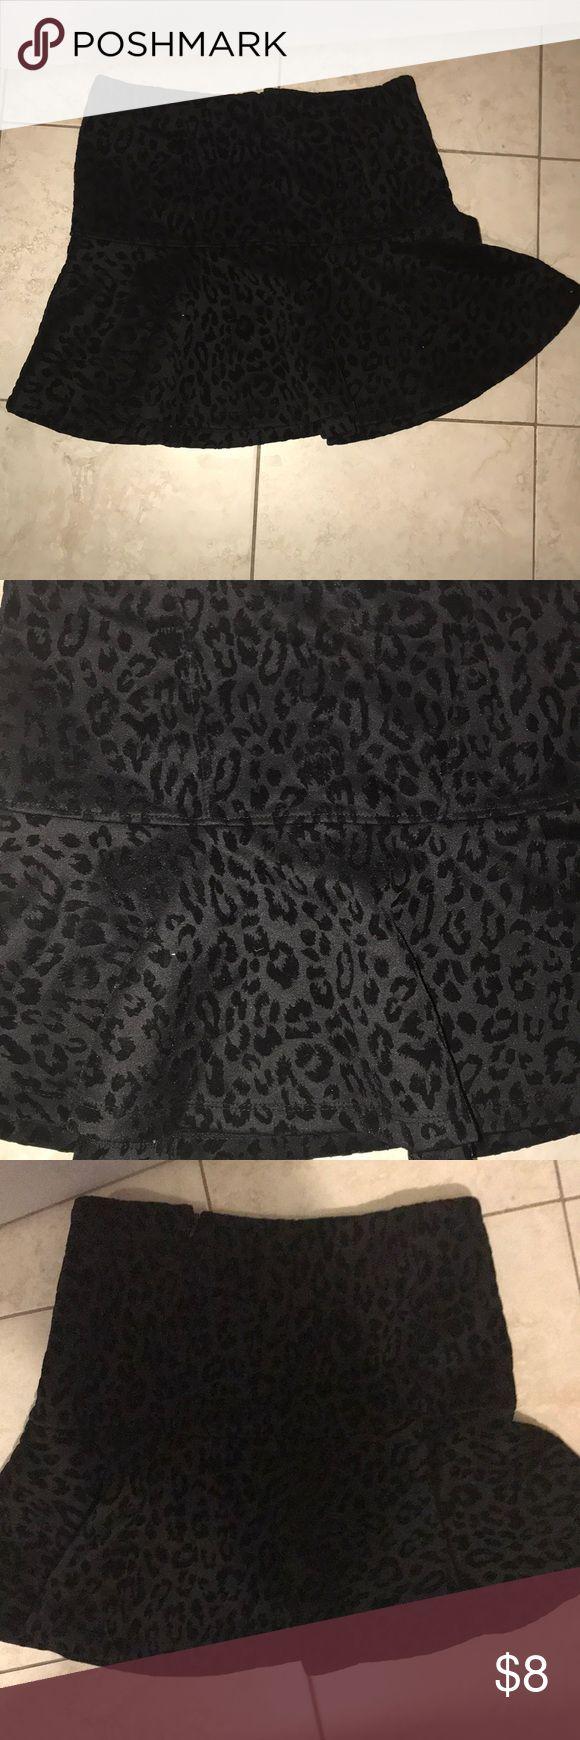 Forever 21 Velvet leopard skirt perfect condition. Only worn once. Black velvet burnout cheetah print mini skirt with a peplum bottom Forever 21 Skirts Mini